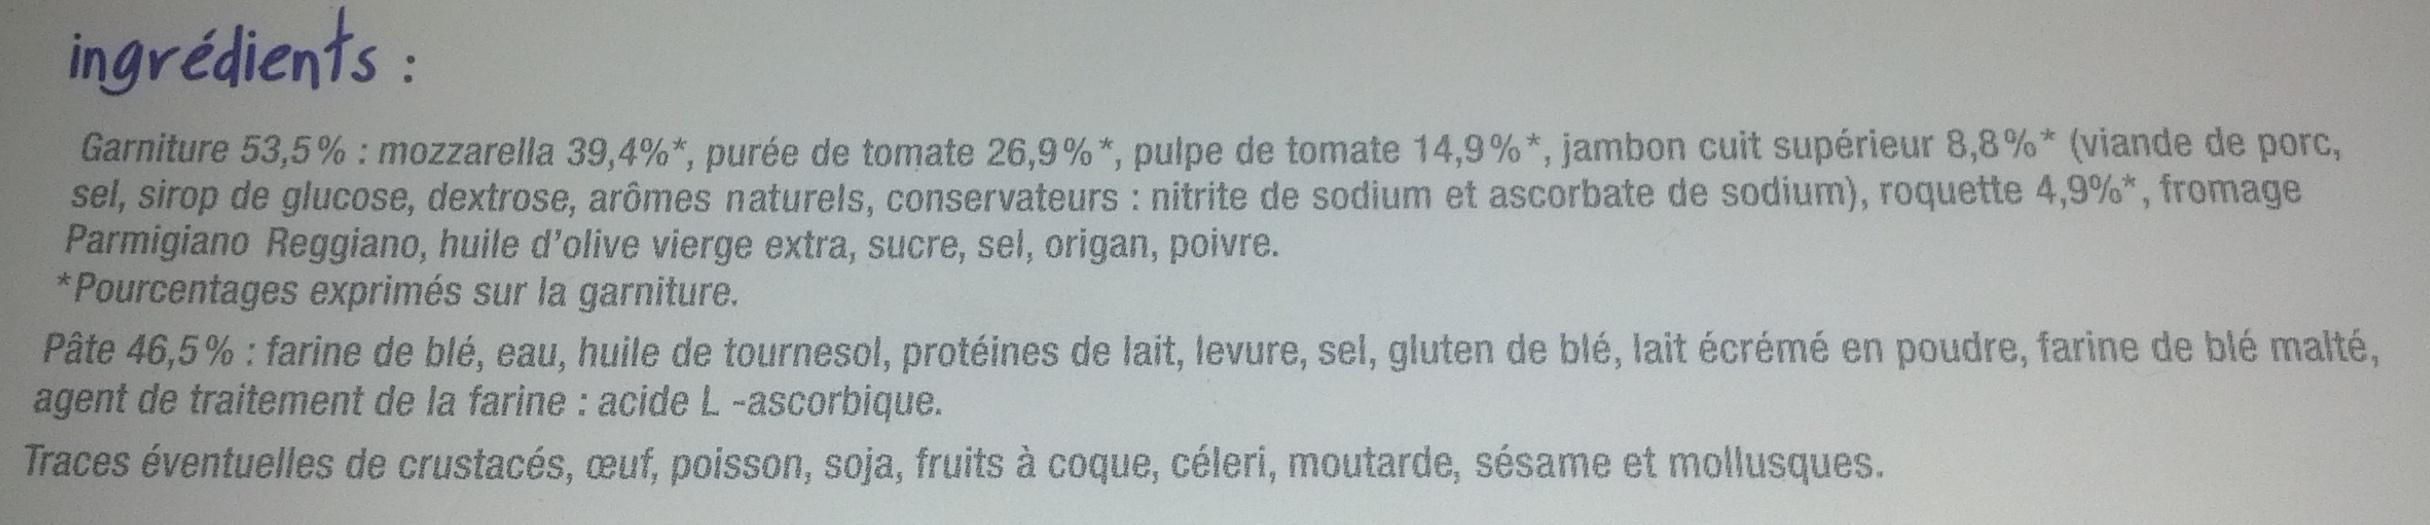 Pizza chiffonnade de jambon et roquette, Surgelé - Ingrédients - fr